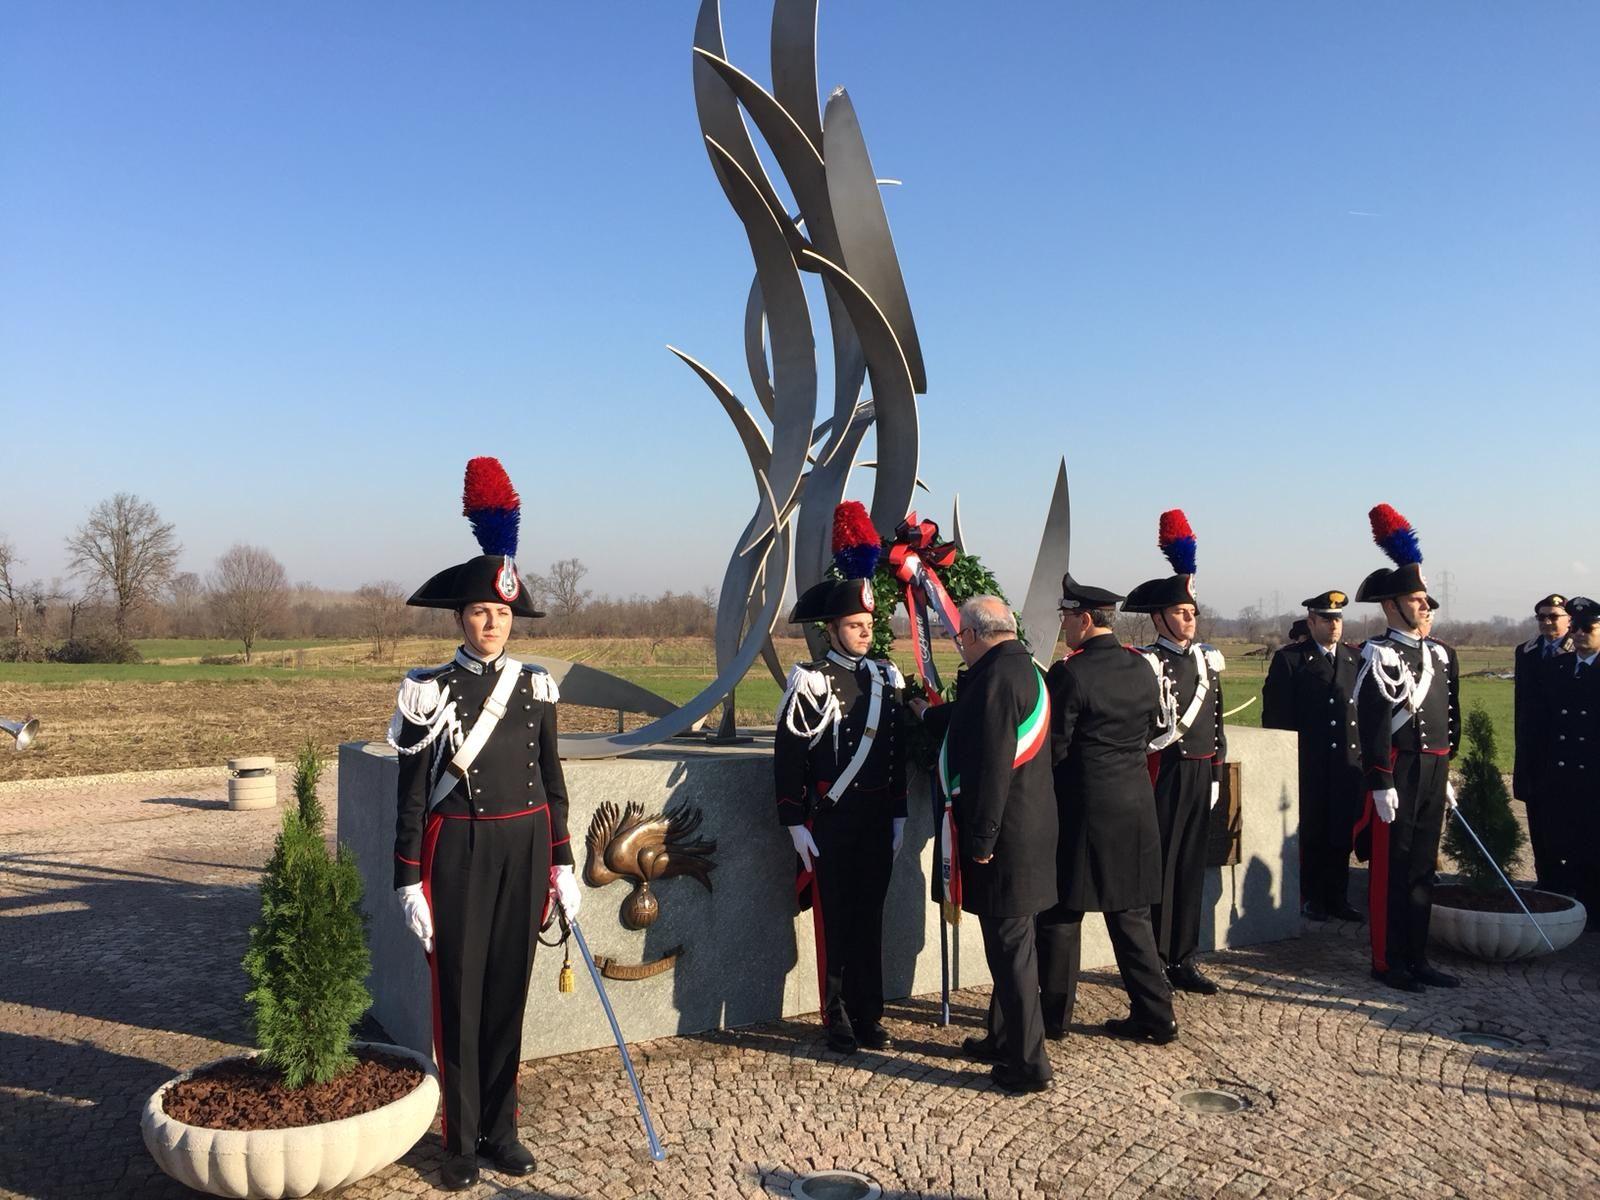 VOLPIANO - Il ricordo dei carabinieri deceduti nell'incidente - VIDEO